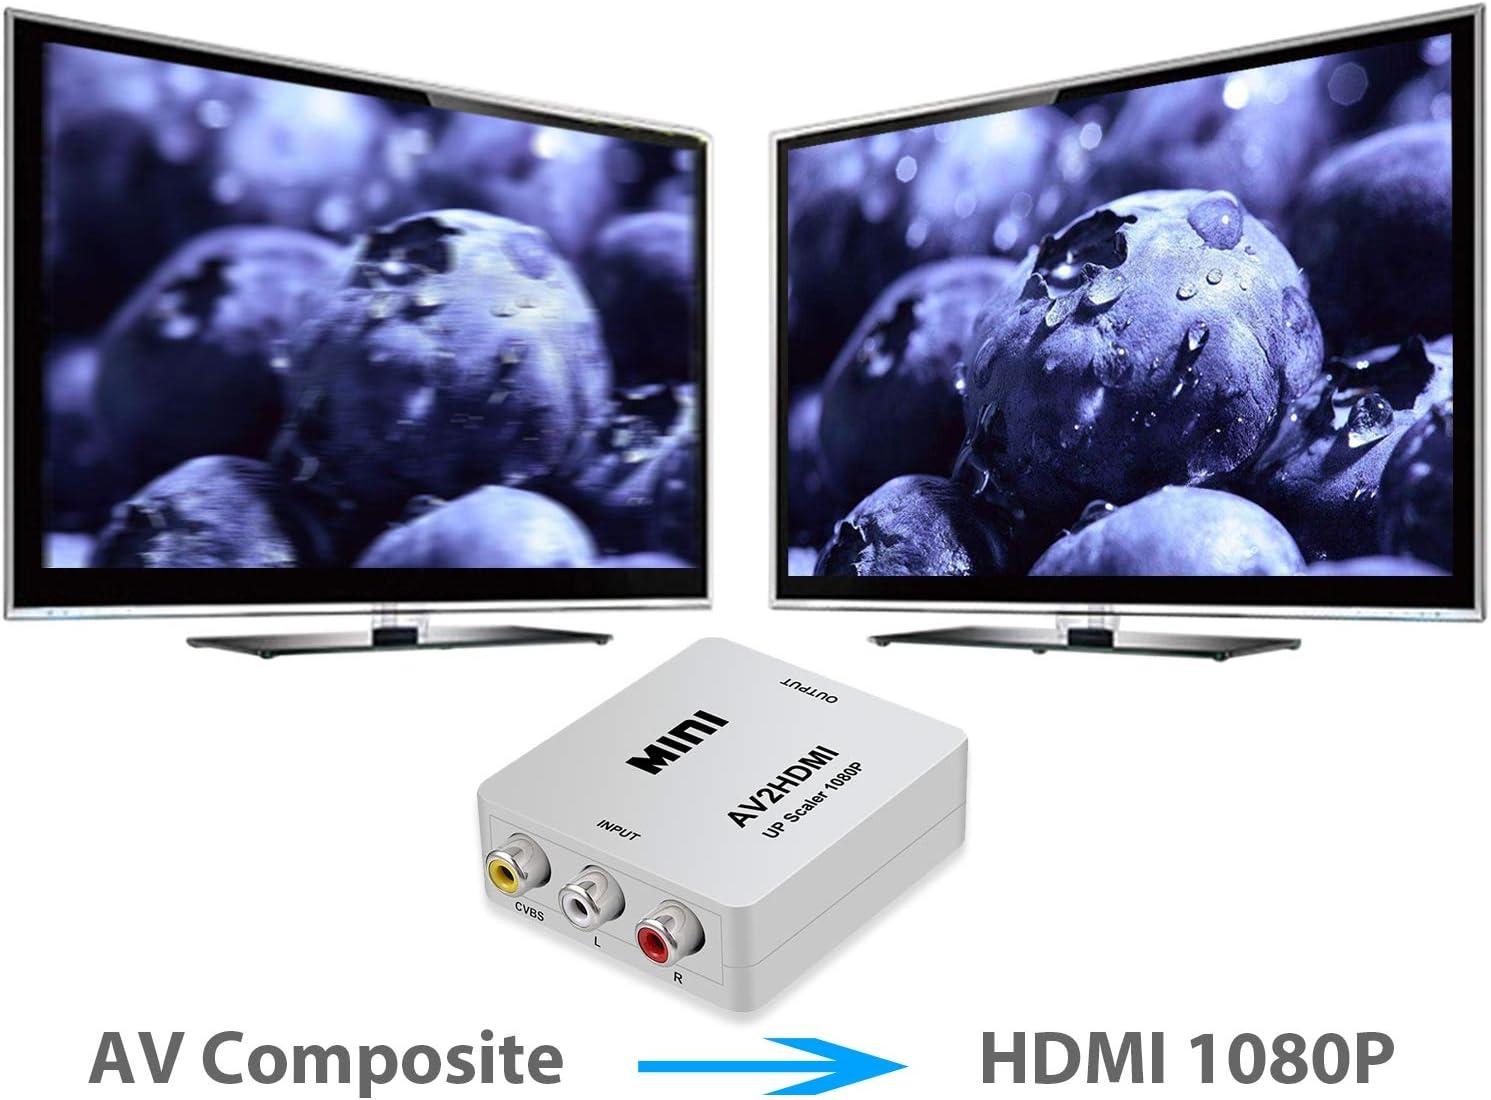 eSynic Conversor RCA a HDMI Compuesto RBS CVBS AV a HDMI 1080P Mini Adaptador de Audio y Video Compatible con PAL/NTSC con Cable RCA para Computadora Portátil PC PS4 PS3 TV DVD